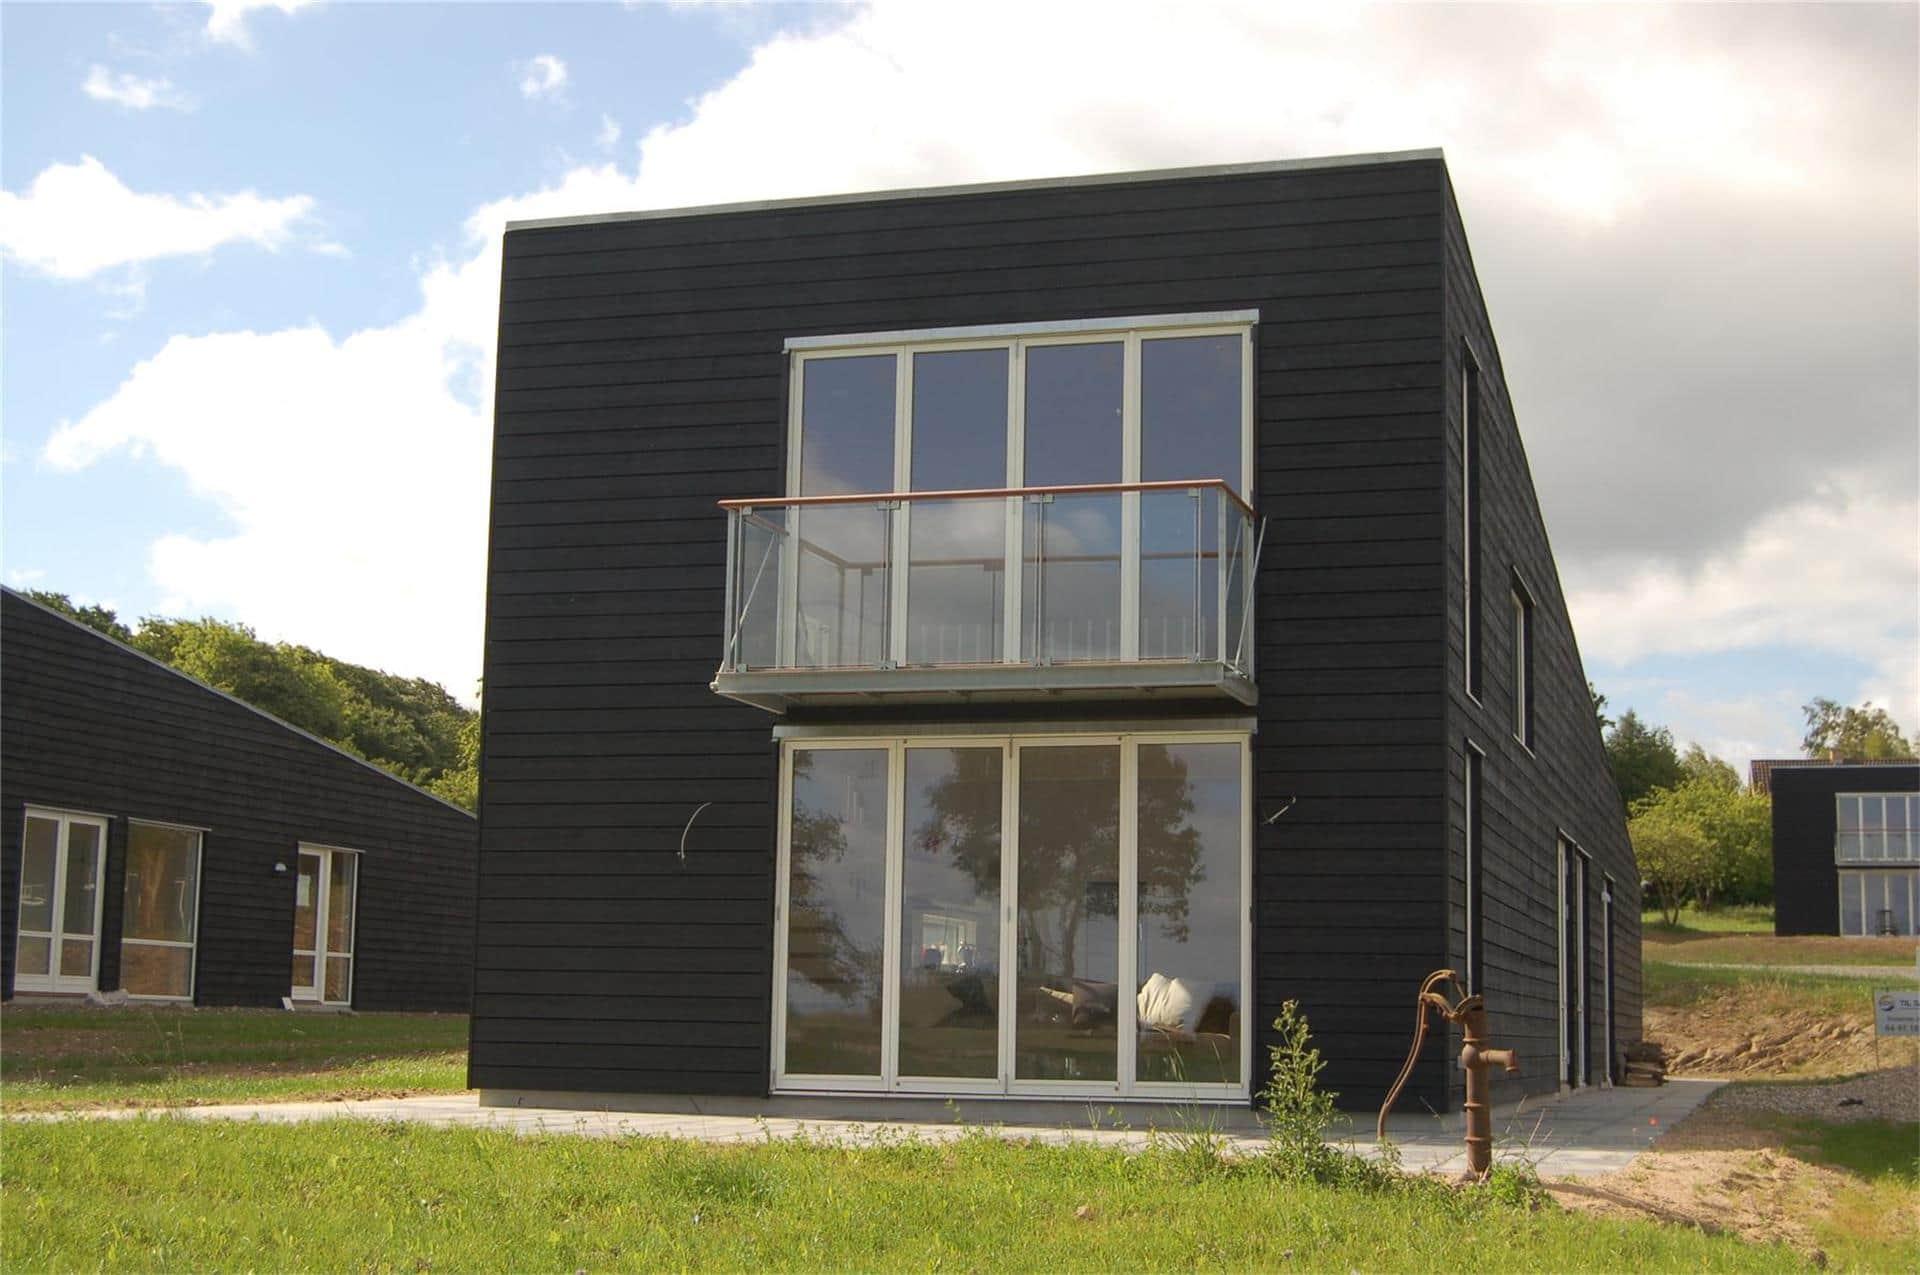 Bild 1-3 Ferienhaus M642994, Kystvejen 8, DK - 5466 Asperup